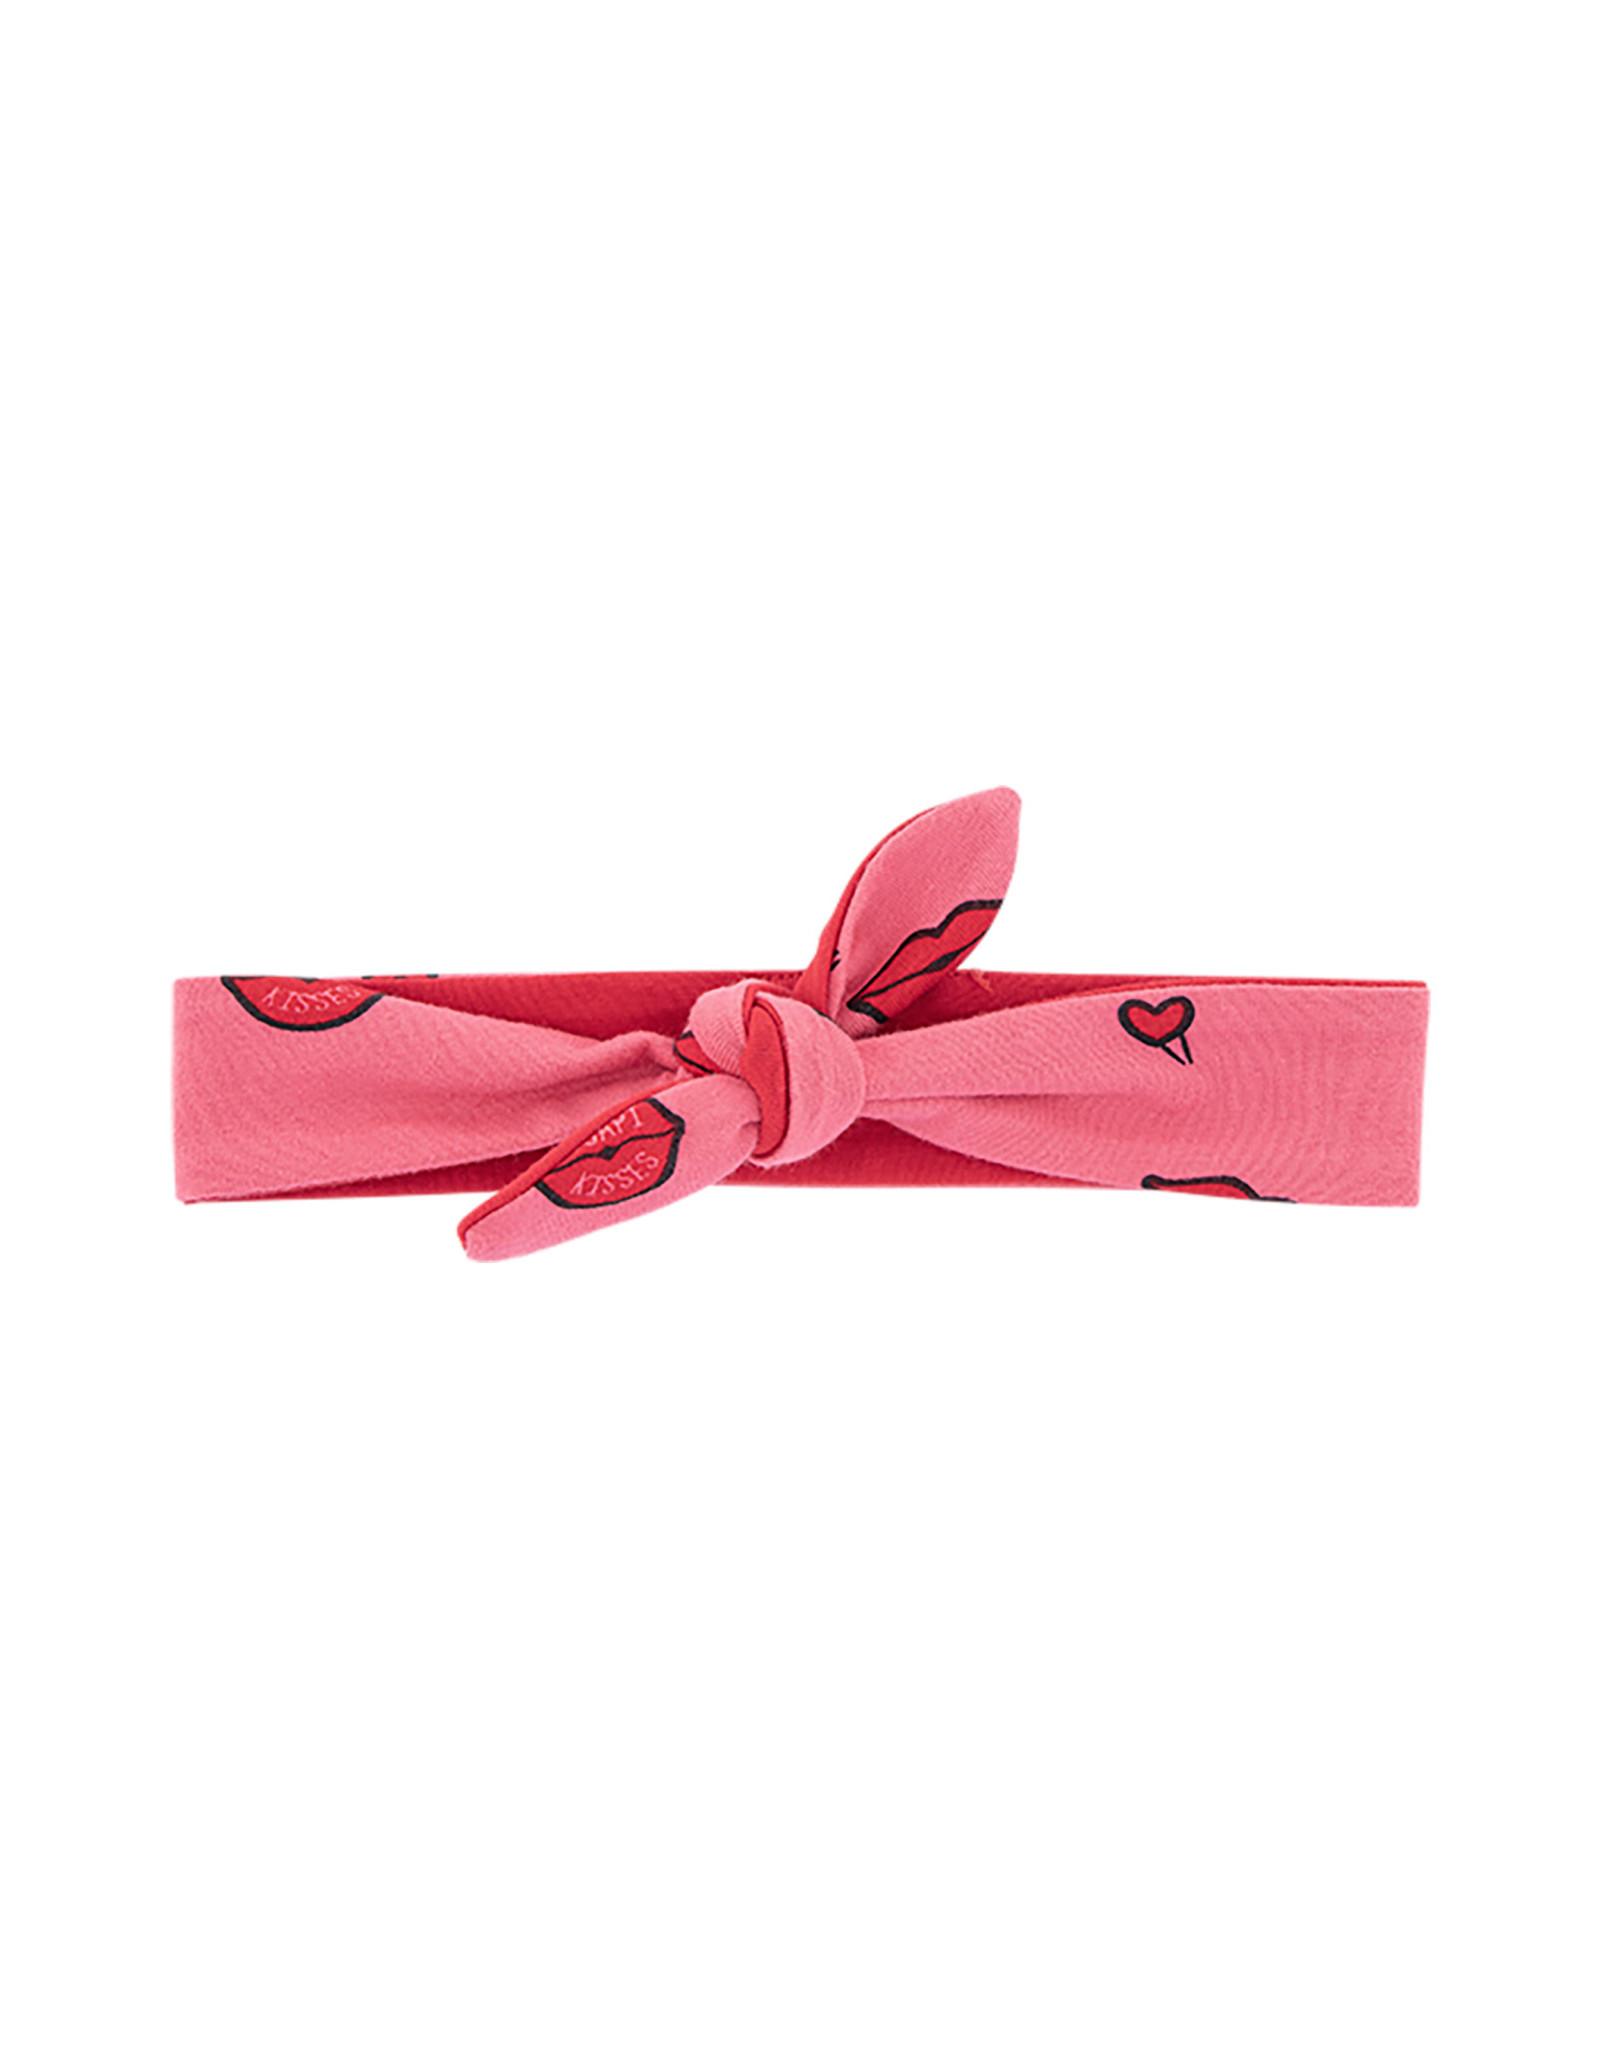 Quapi BROOKE S201 Lemonade Pink Lips